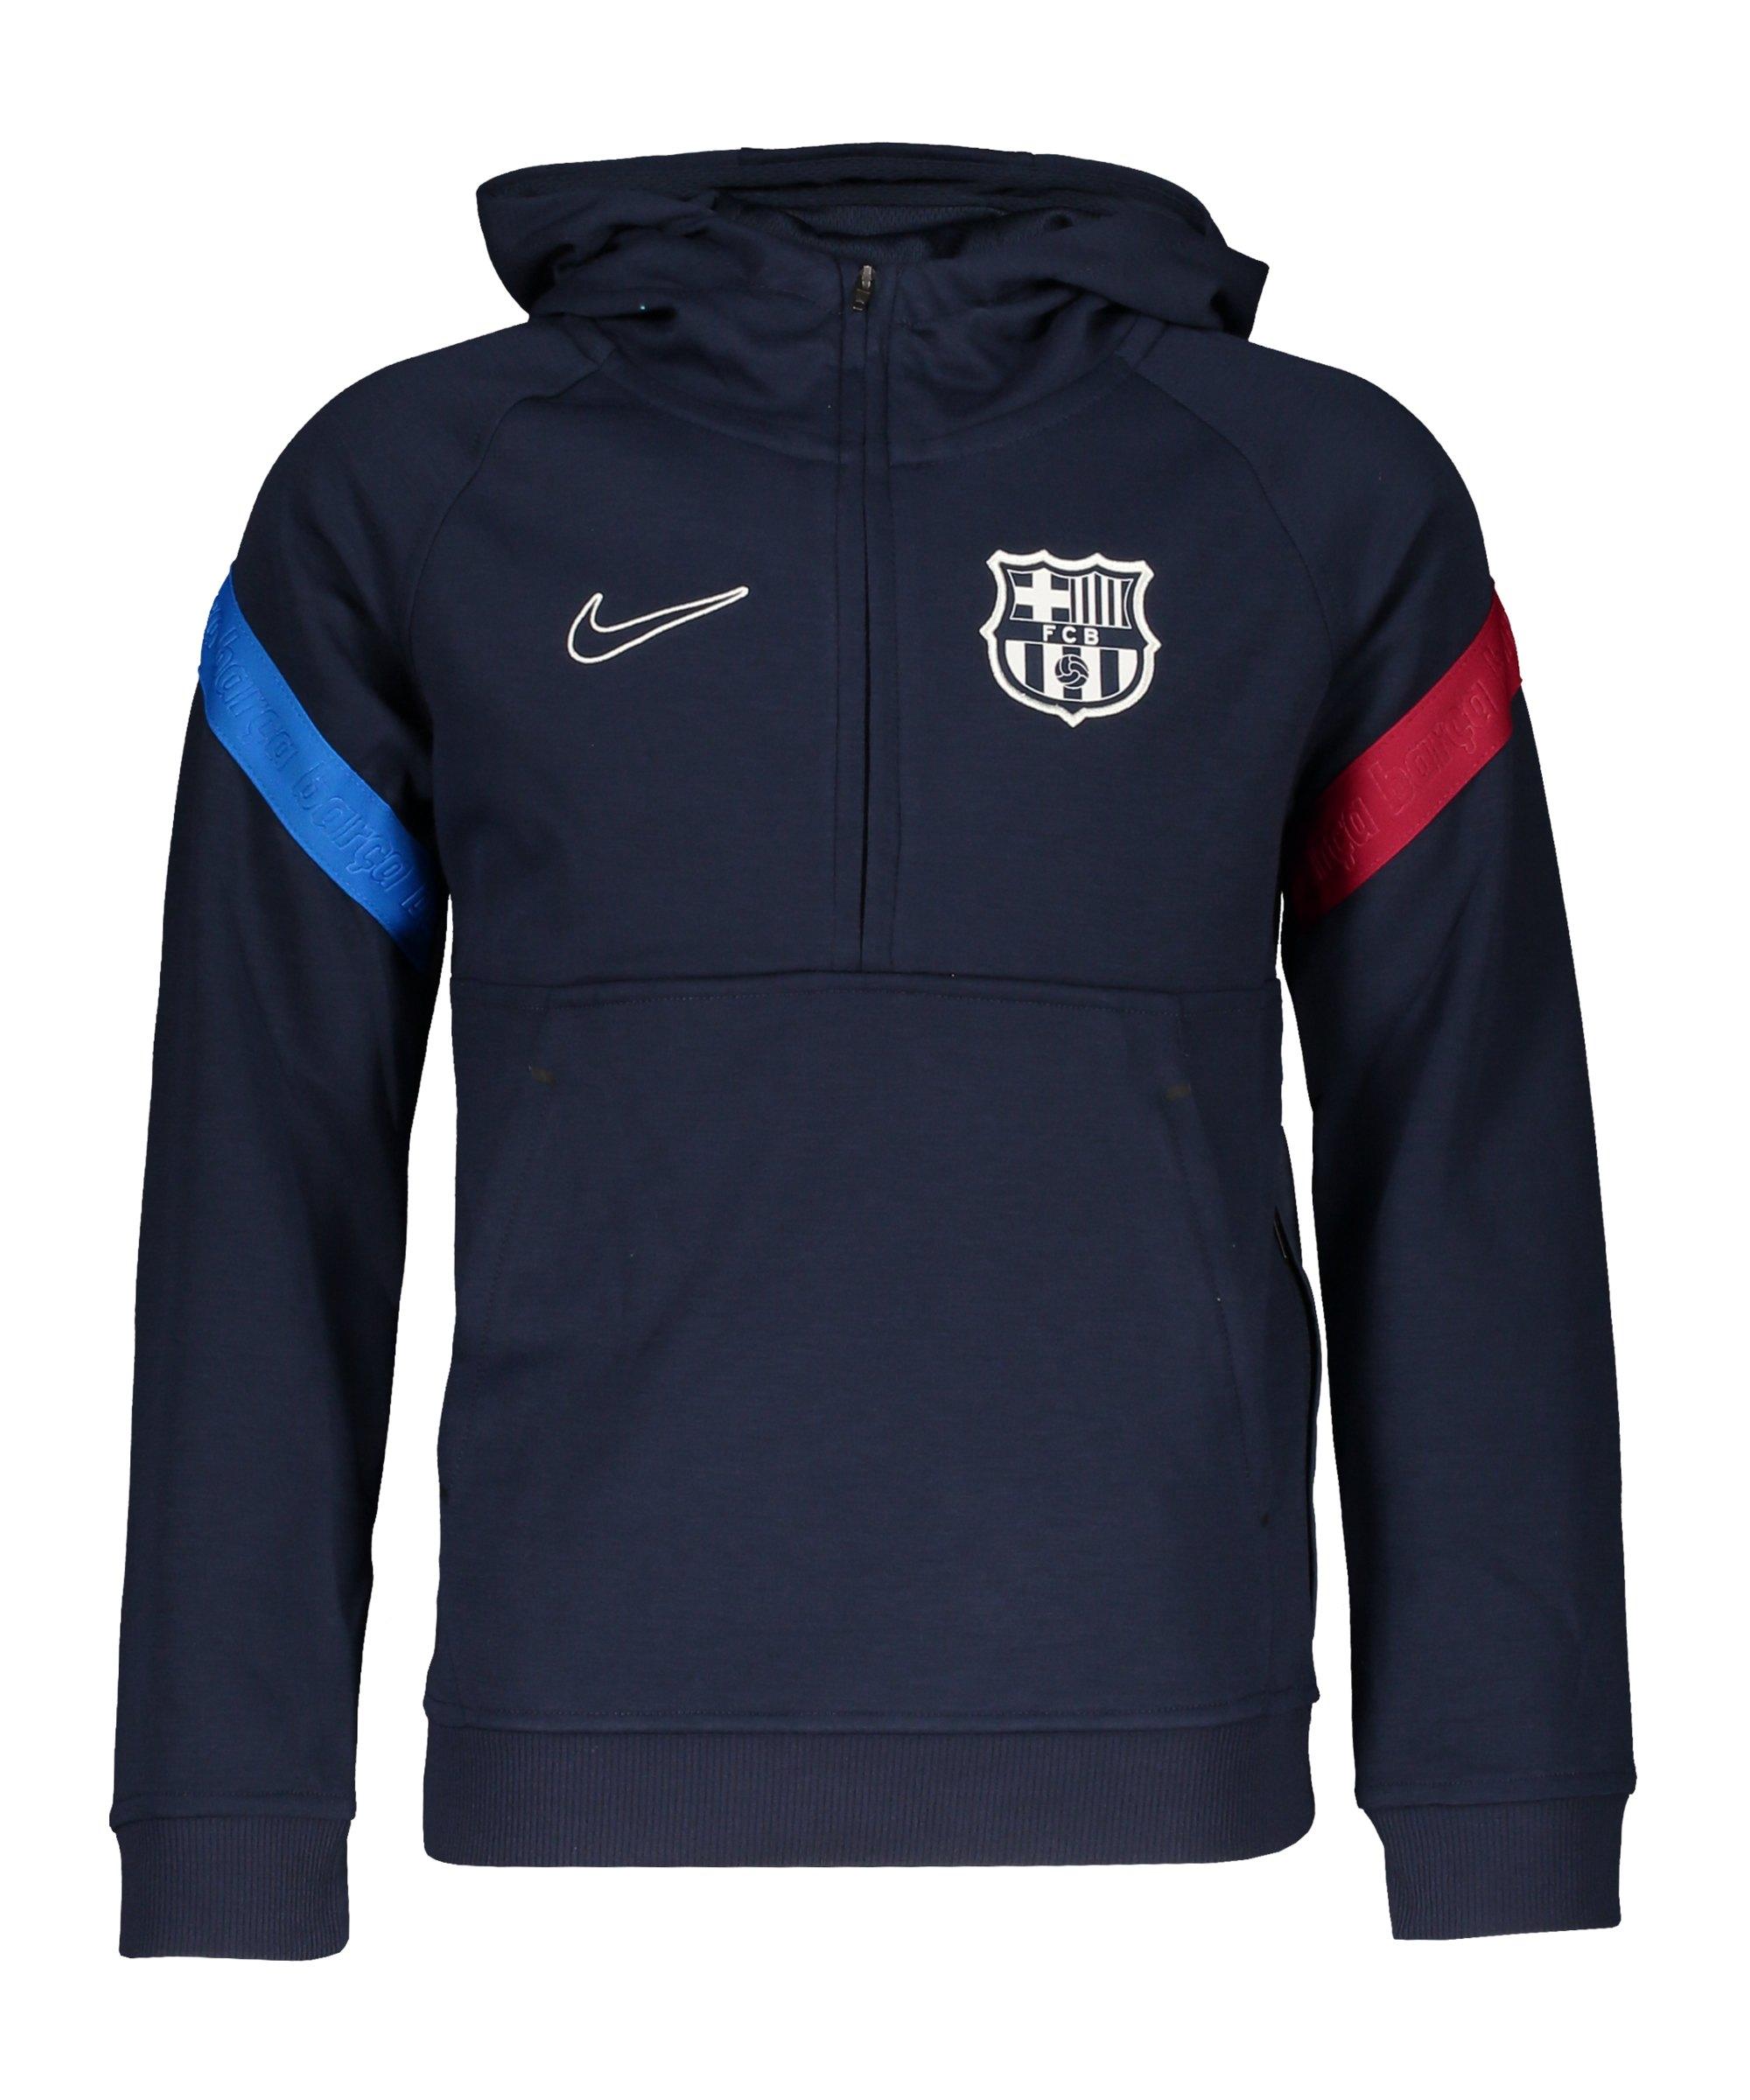 Nike FC Barcelona Hoody Kids Blau F451 - blau